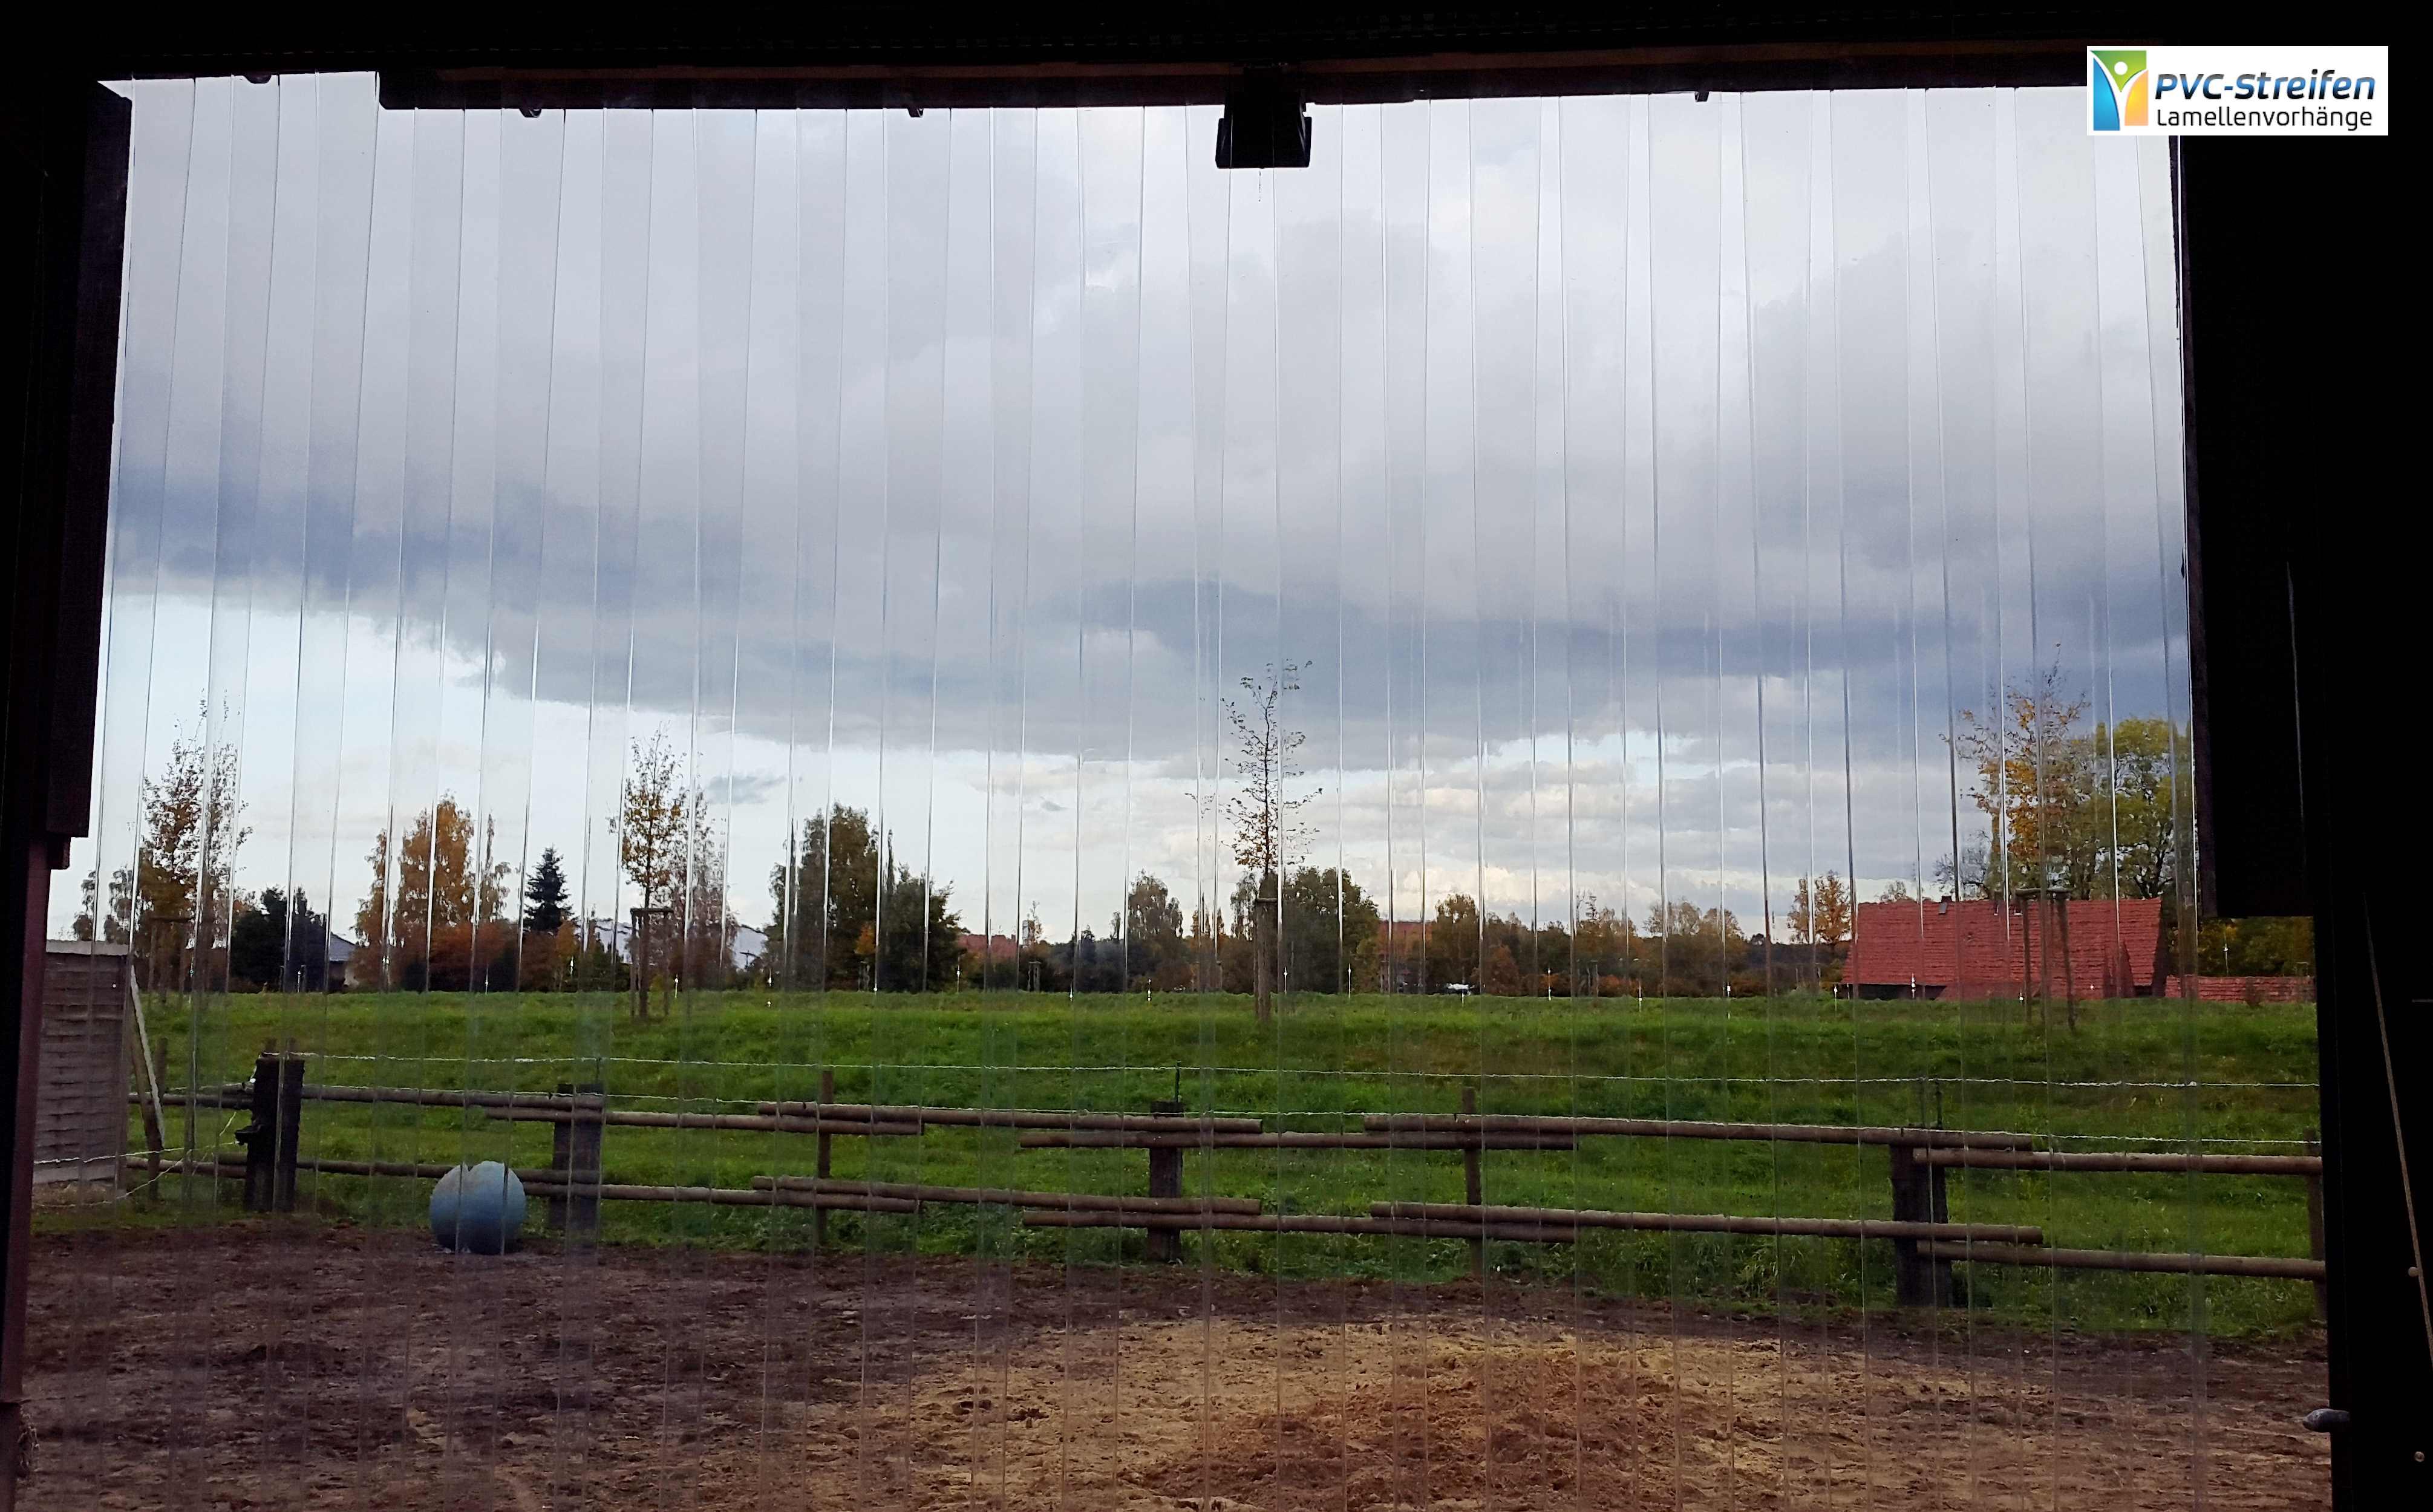 pvc streifenvorhang stallvorhang lamellenvorhang flattervorhang kaelteschutz